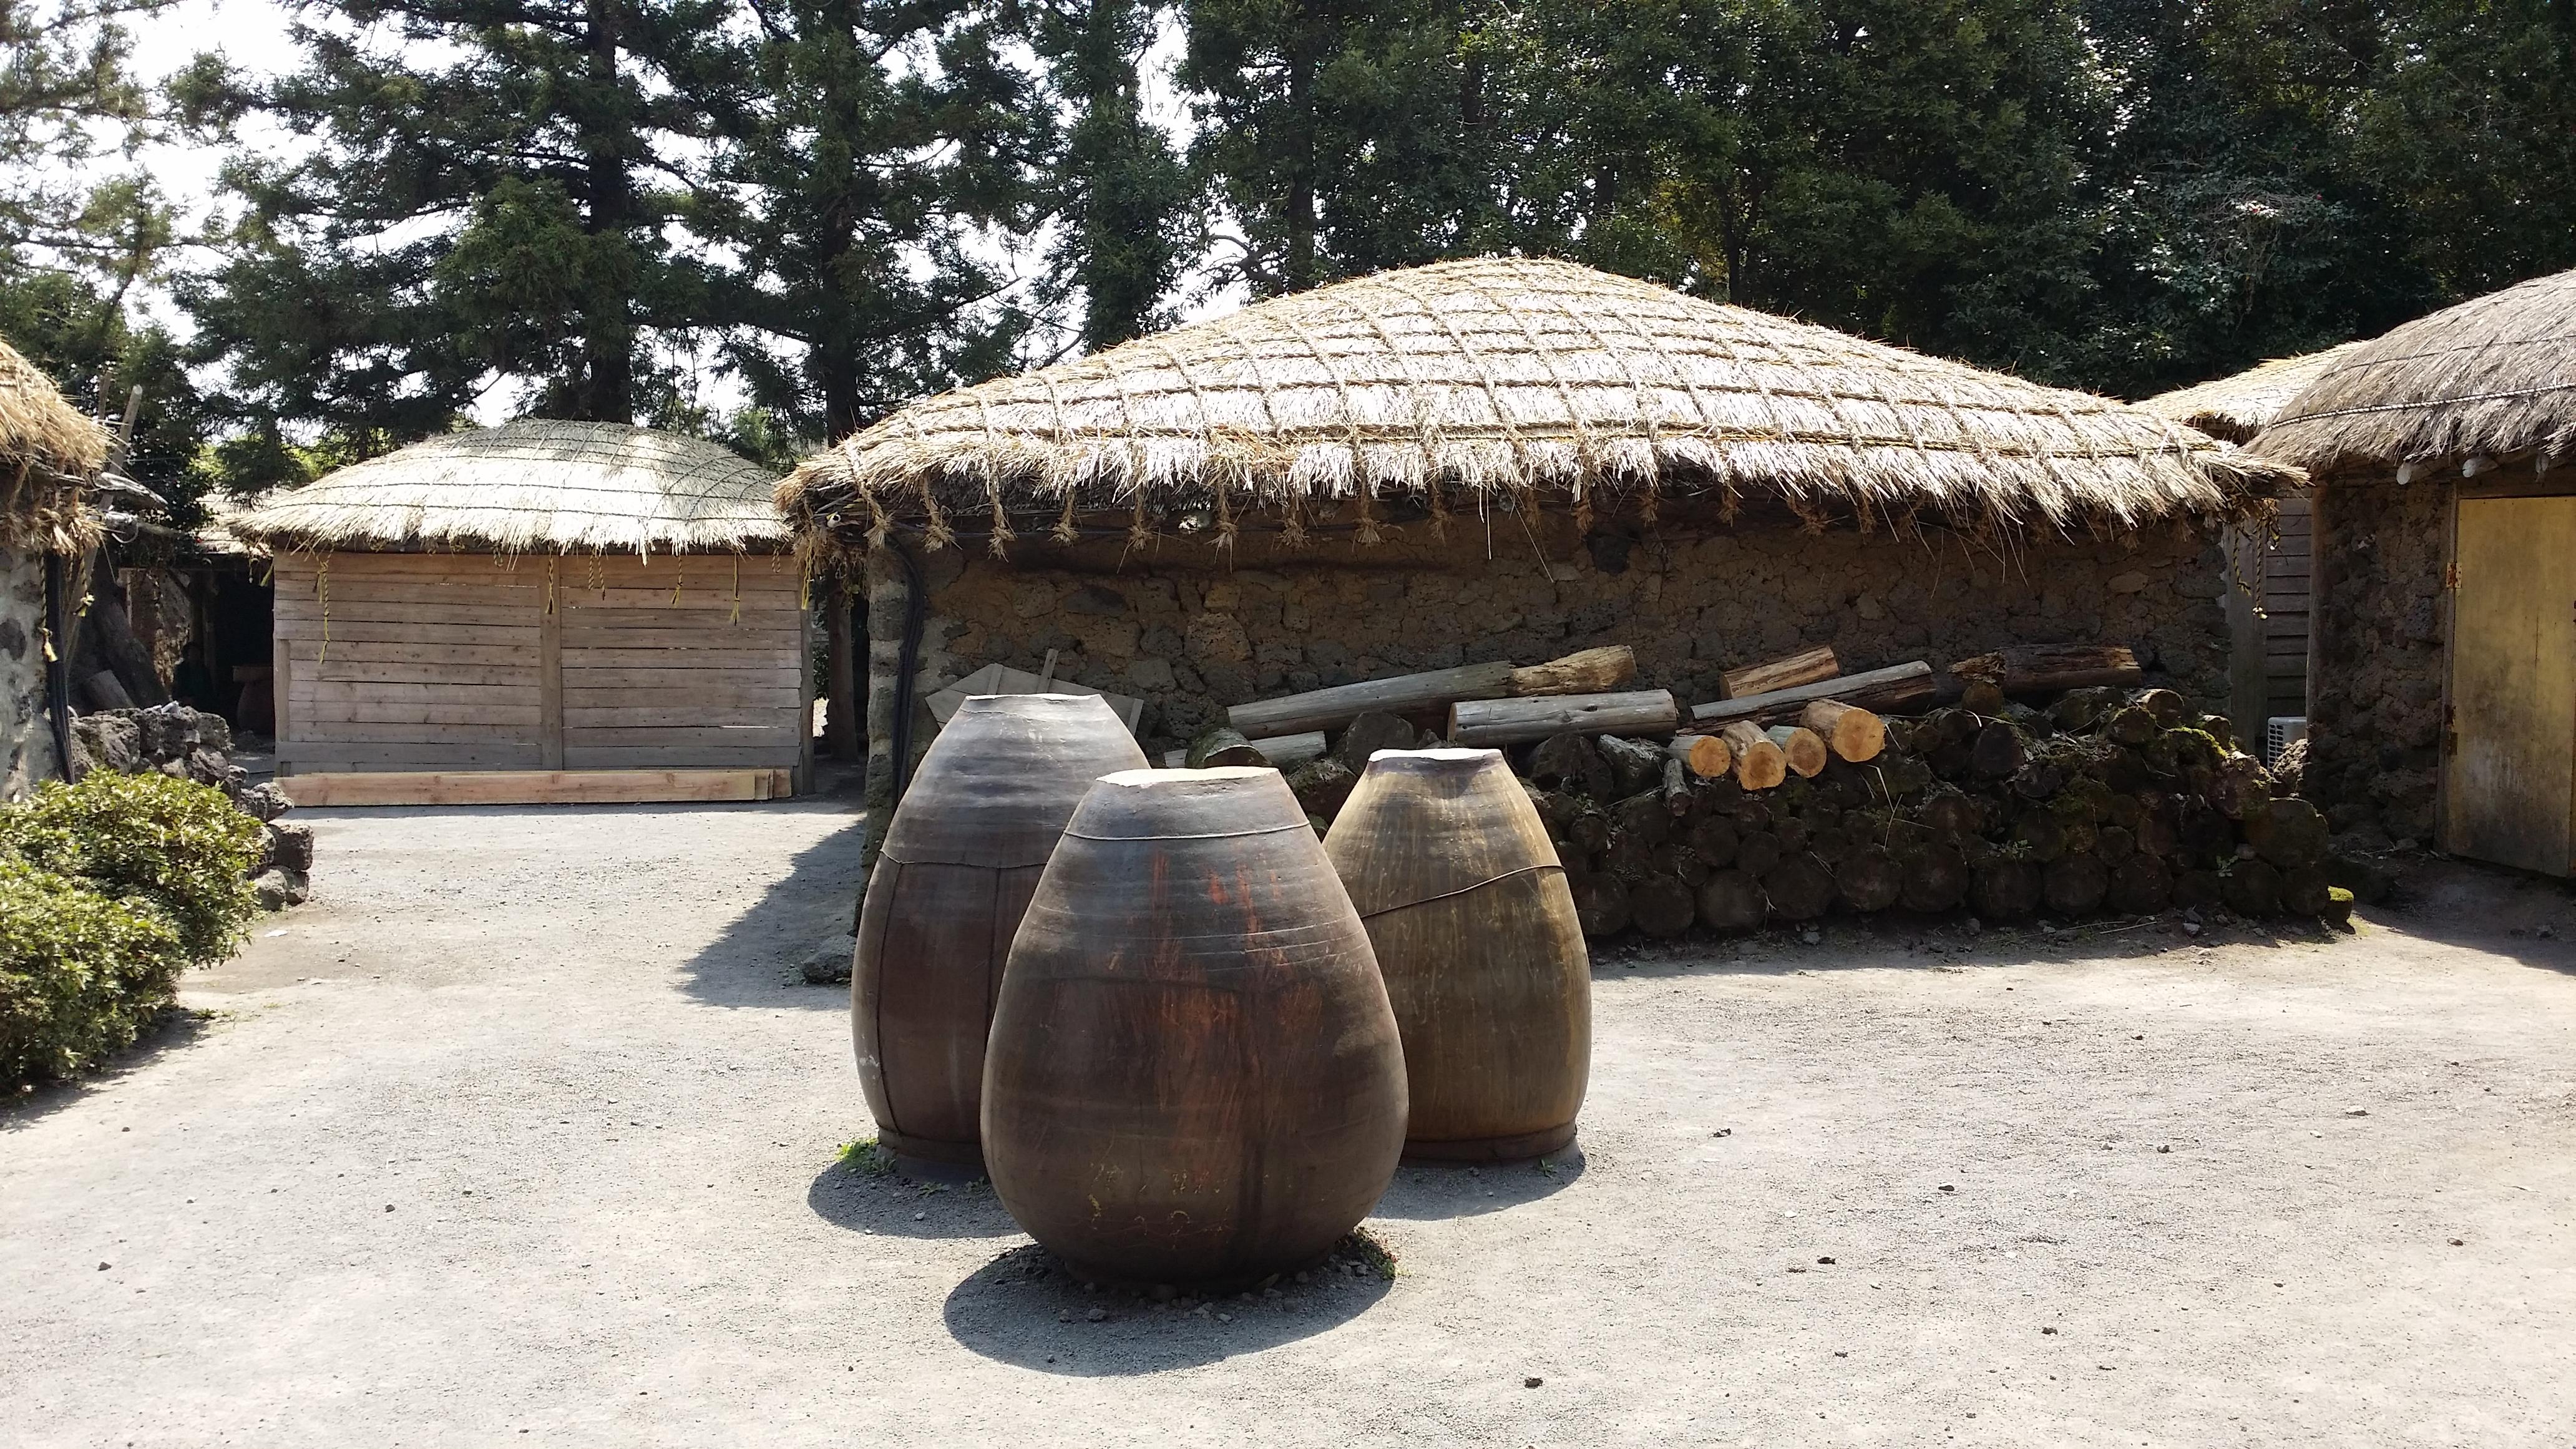 【四月的美在济州岛】说走就走的旅行,献给济州岛